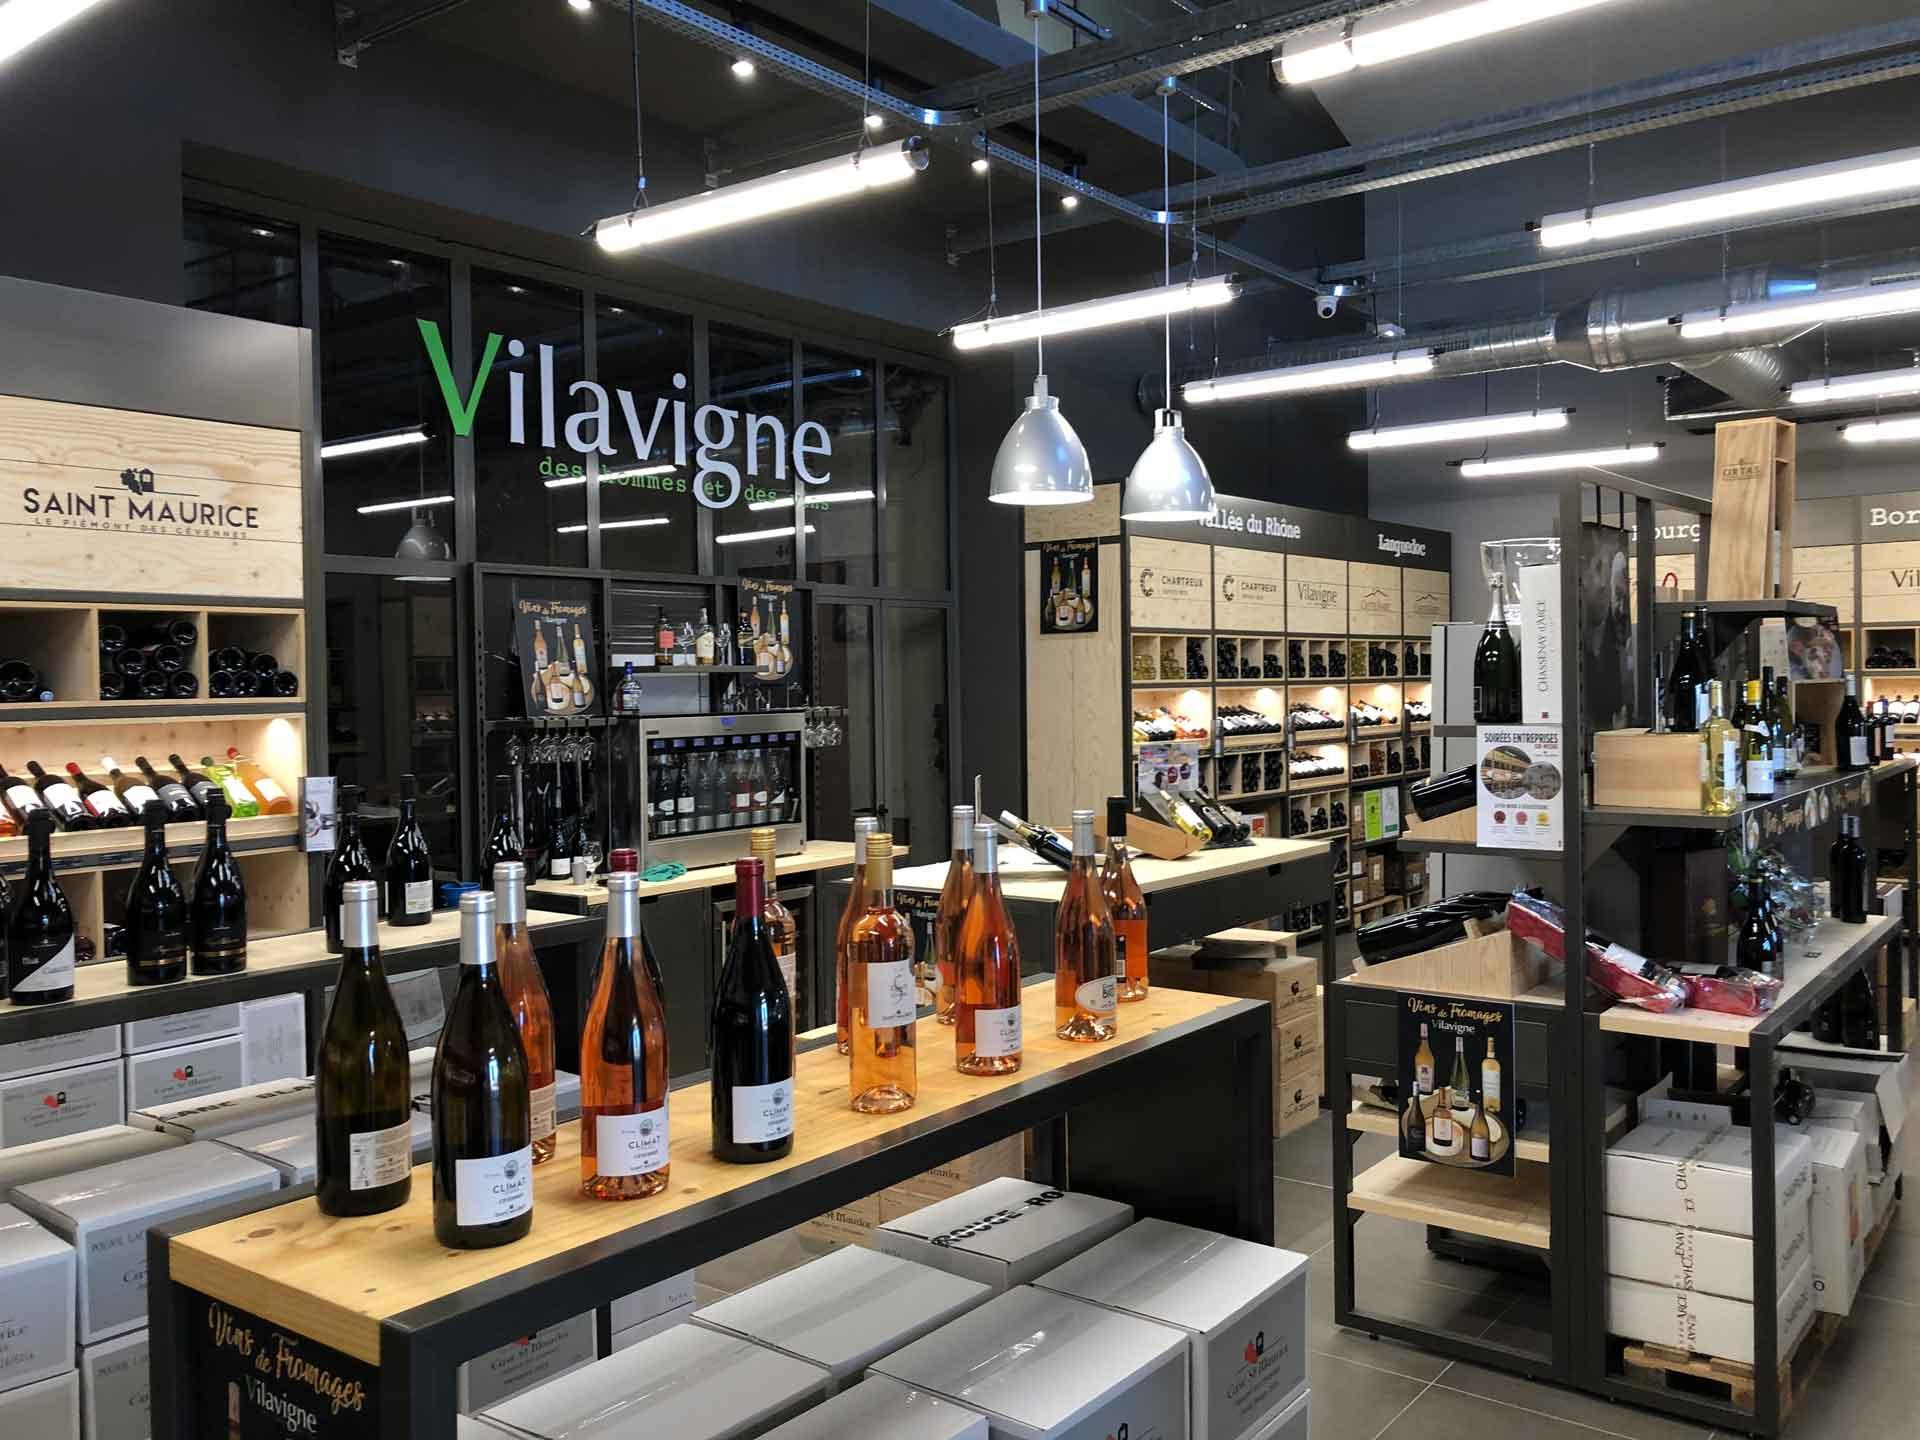 Rénovation de l'espace de vente Cave Vilavigne